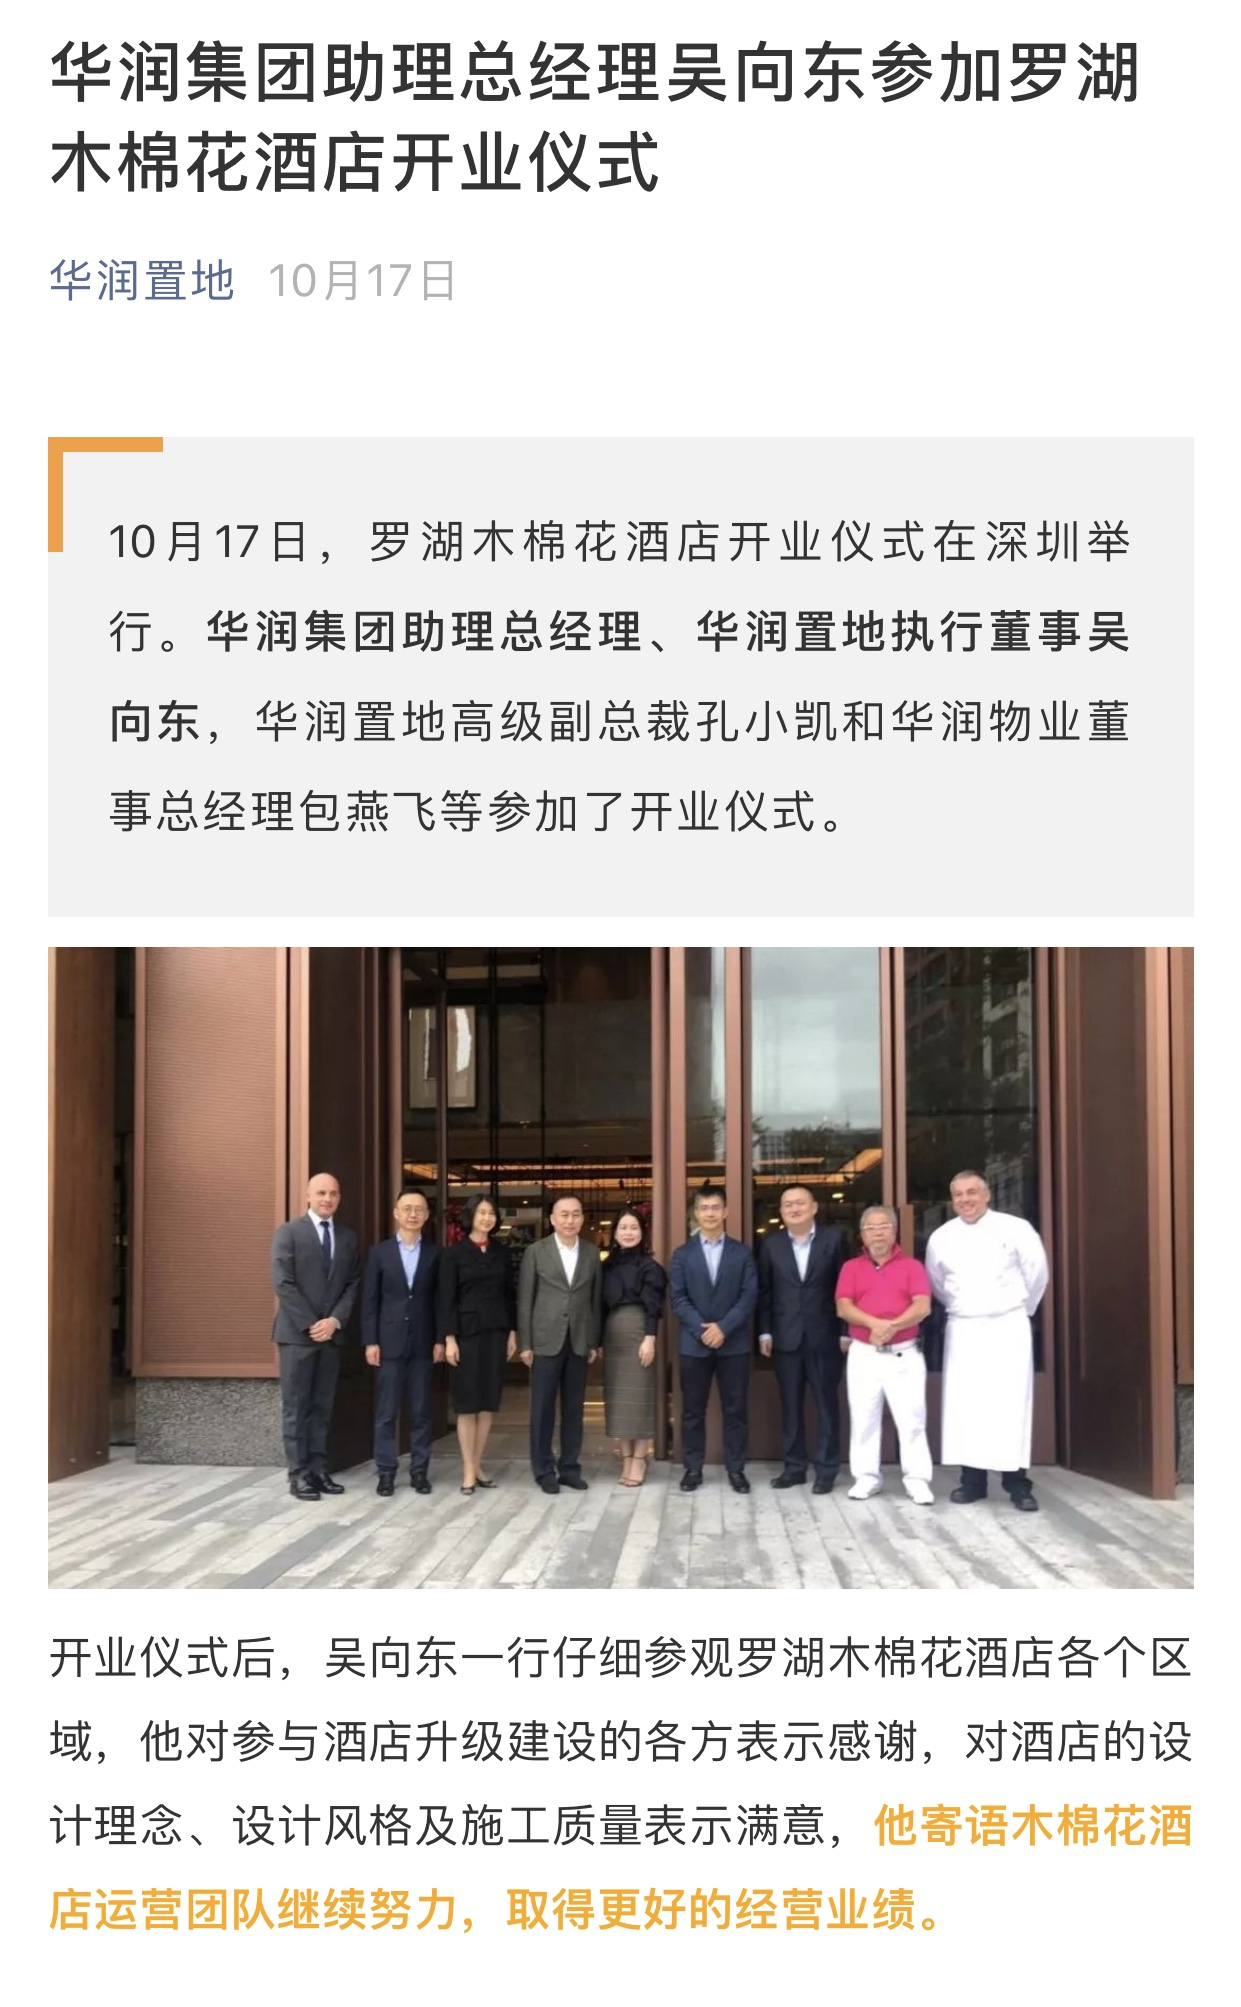 华润集团通知:吴向东离任华润置地首席执行官